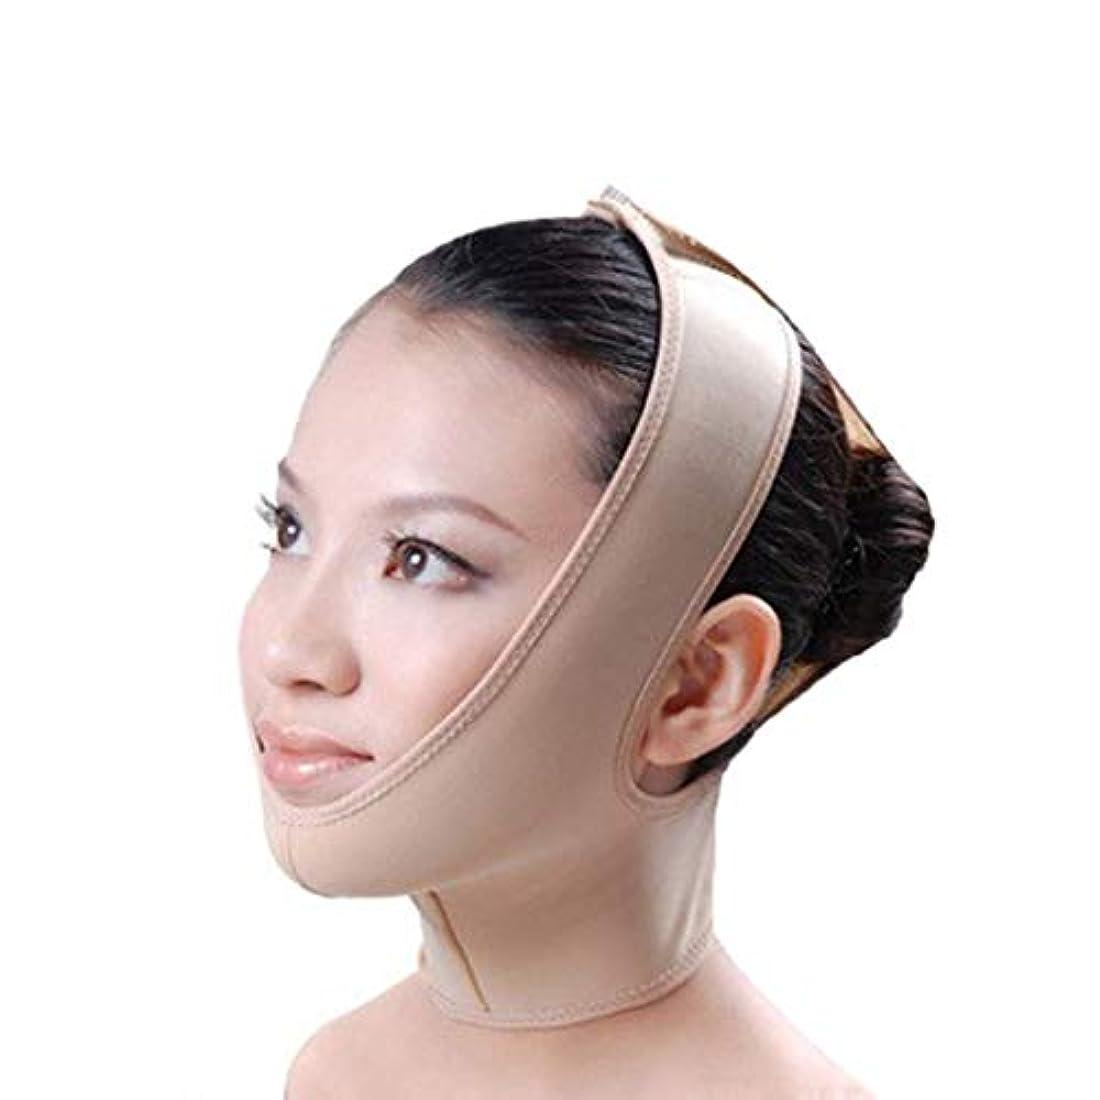 天才和らげる十フェイススリム、リフティングマスク、包帯リフト、二重あご、引き締めフェイシャルリフト、フェイシャル減量マスク、リフティングスキン包帯(サイズ:XL),XL